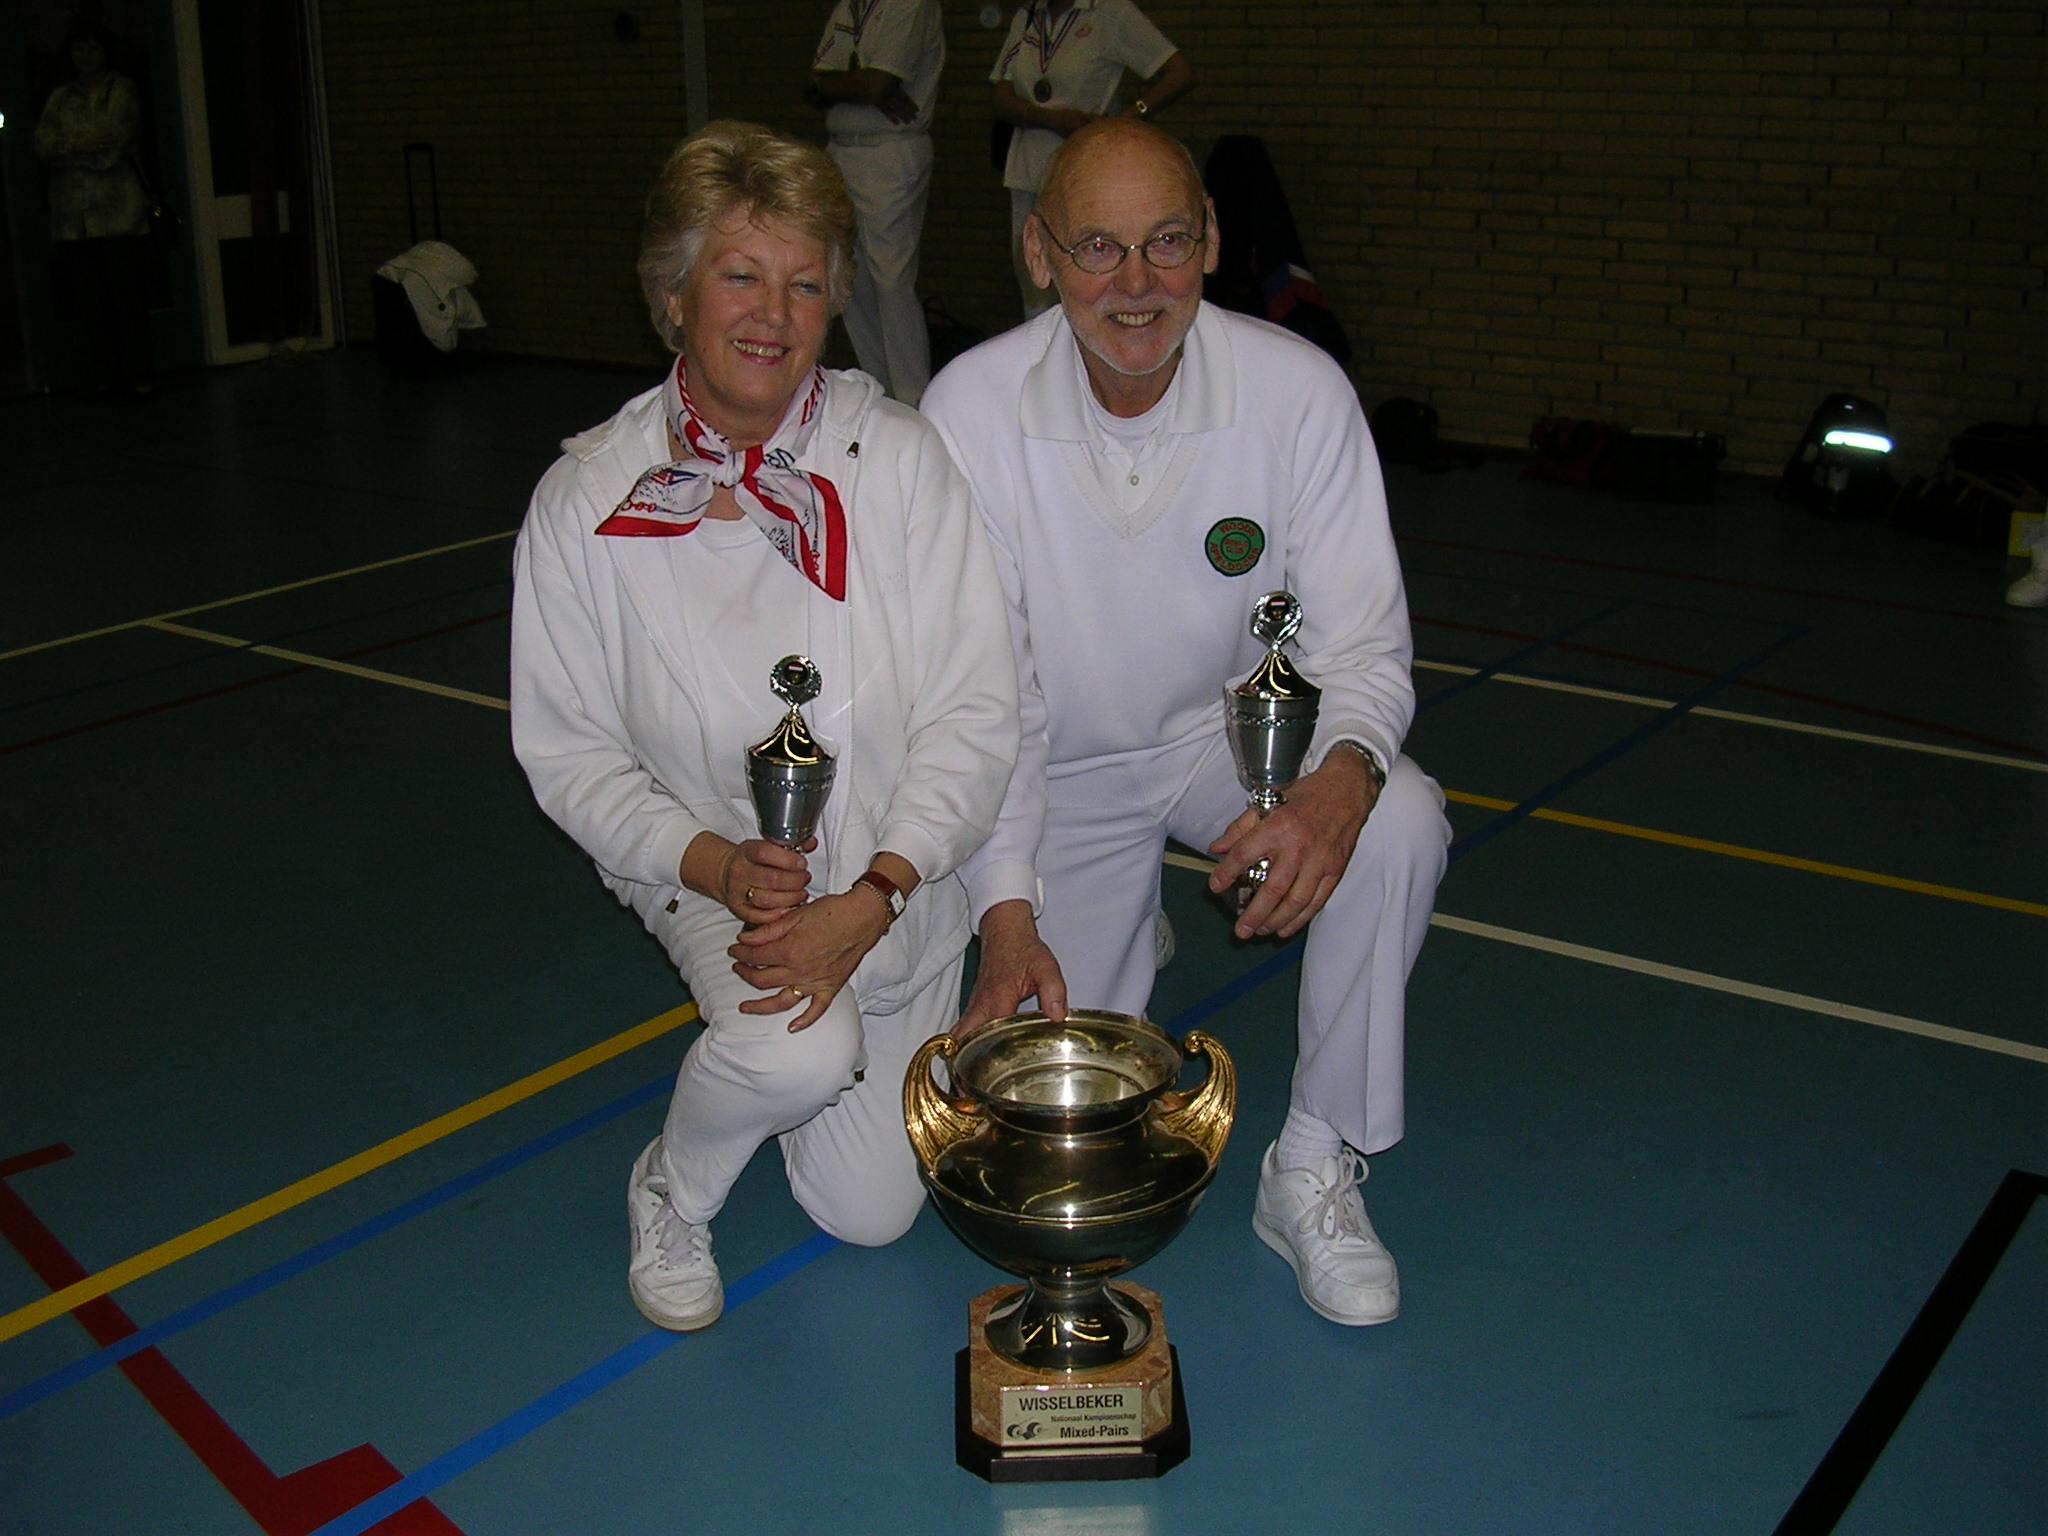 plaatje: //www.almerebowlsclub.nl/download/fotos/trofee/wisseltrofee-mixpairs-indoor-2005